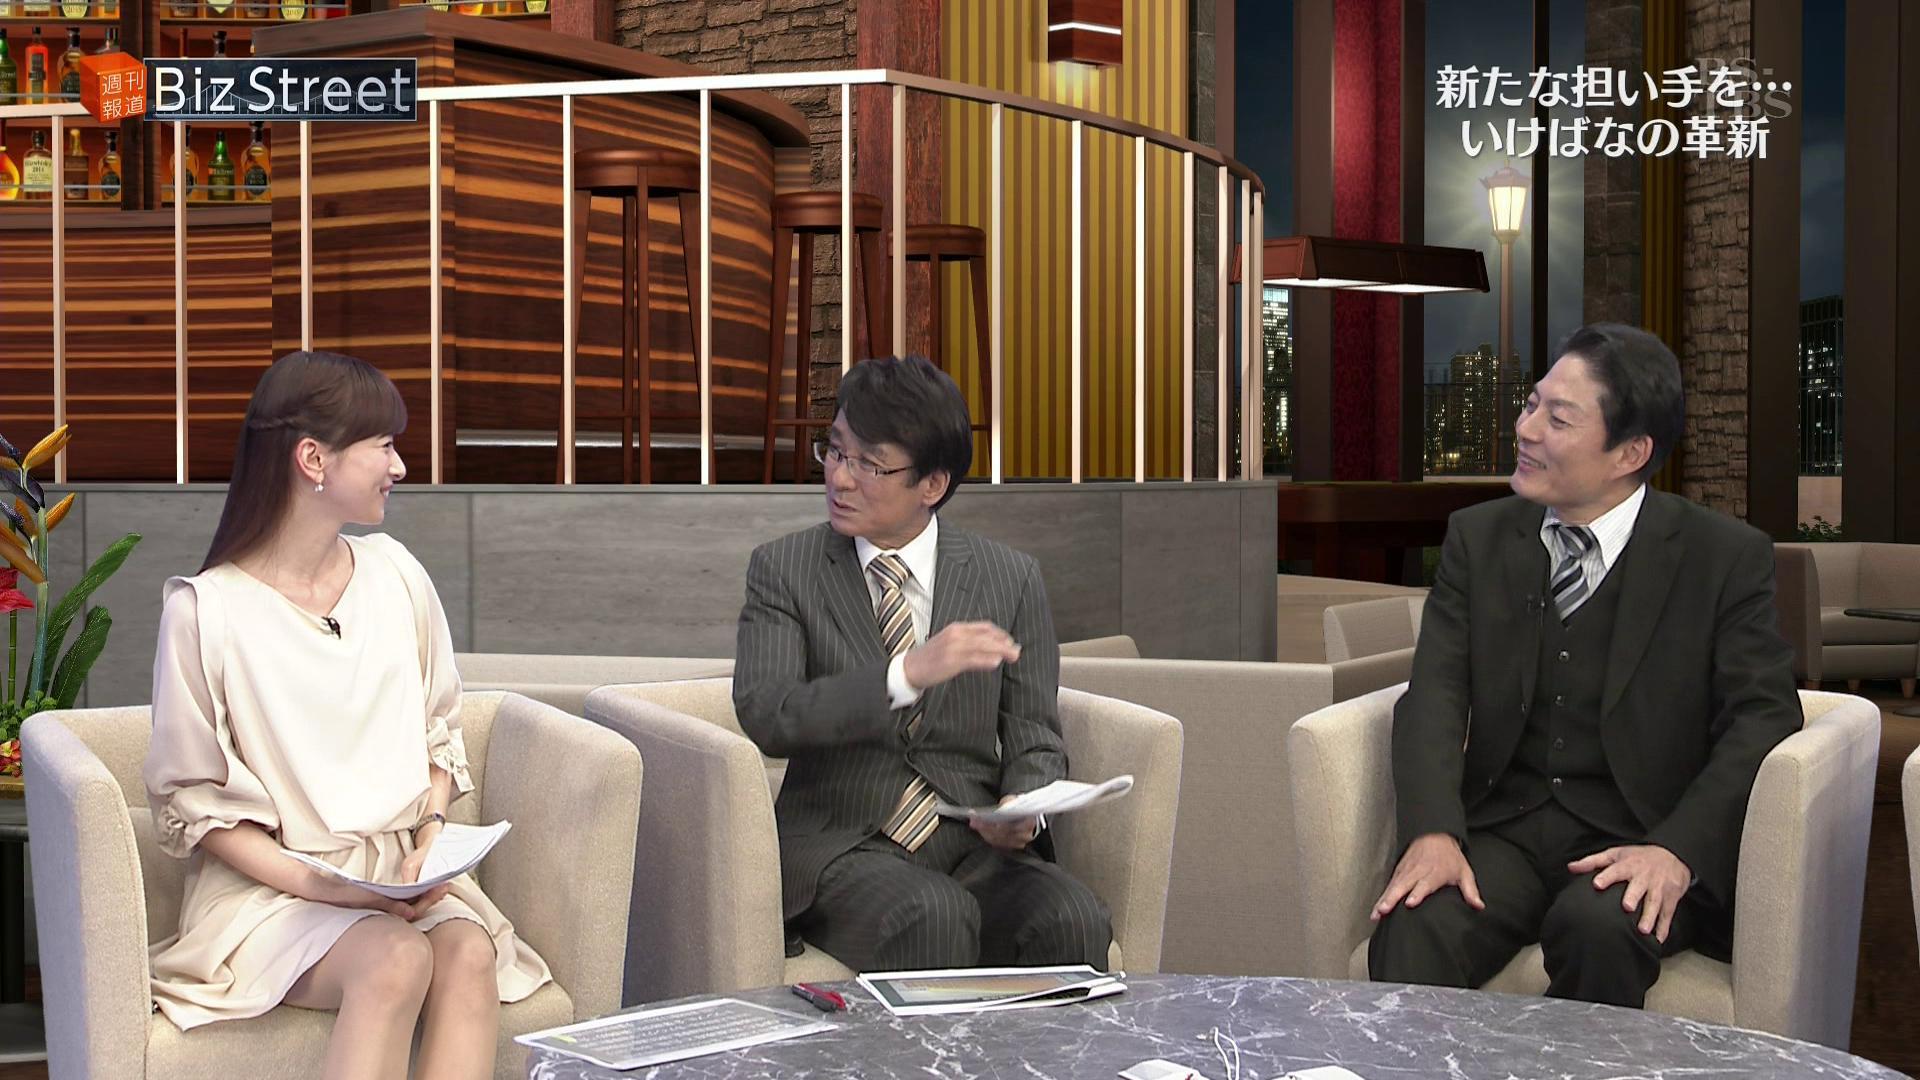 皆藤愛子アナ 週刊報道Bizストリート